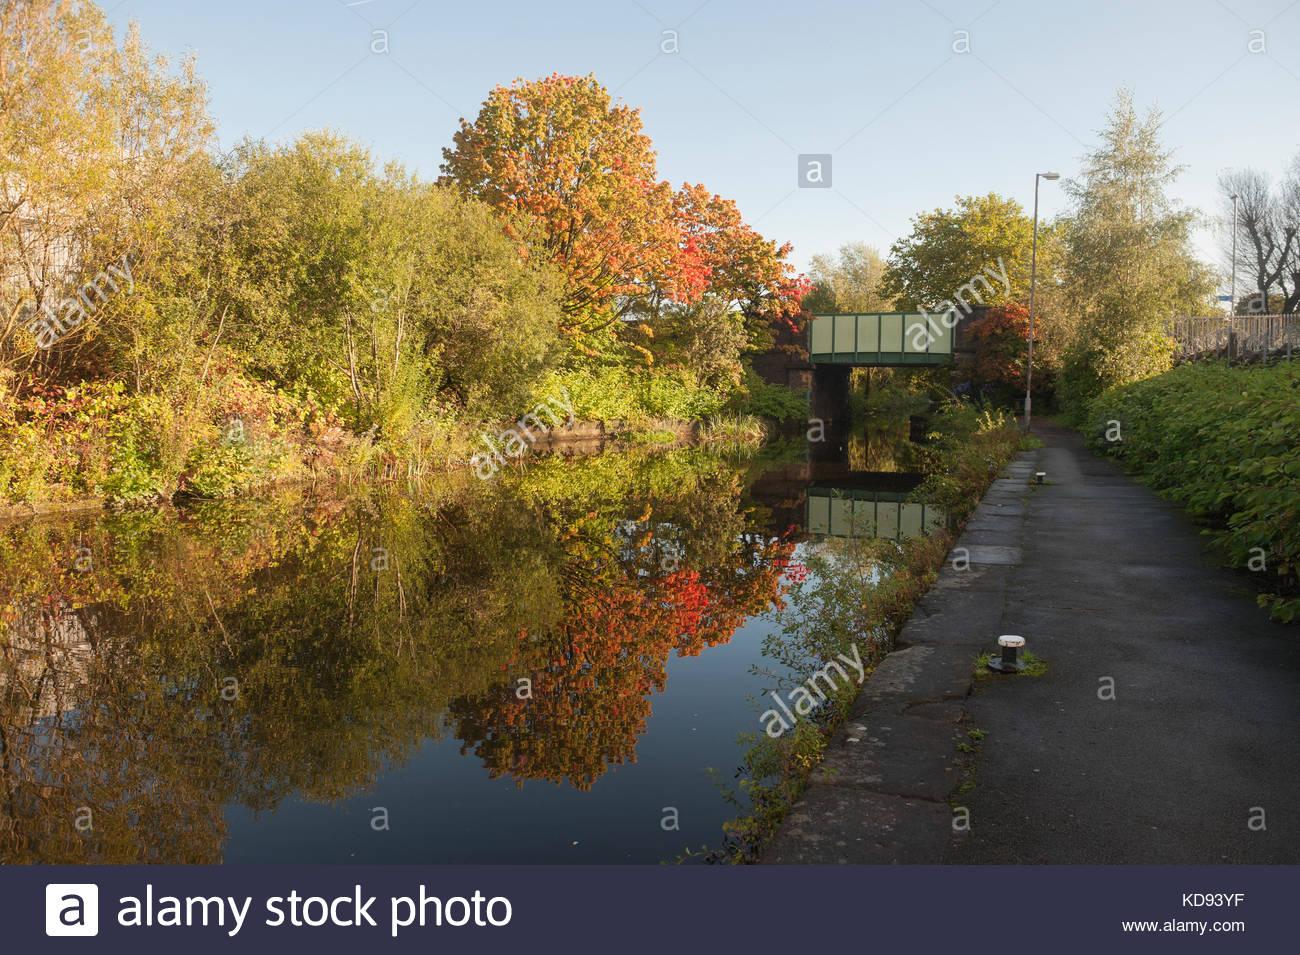 Manchester REGNO UNITO incredibili colori autunnali sono riflessi nelle acque del canale di Rochdale in Newton Heath Immagini Stock